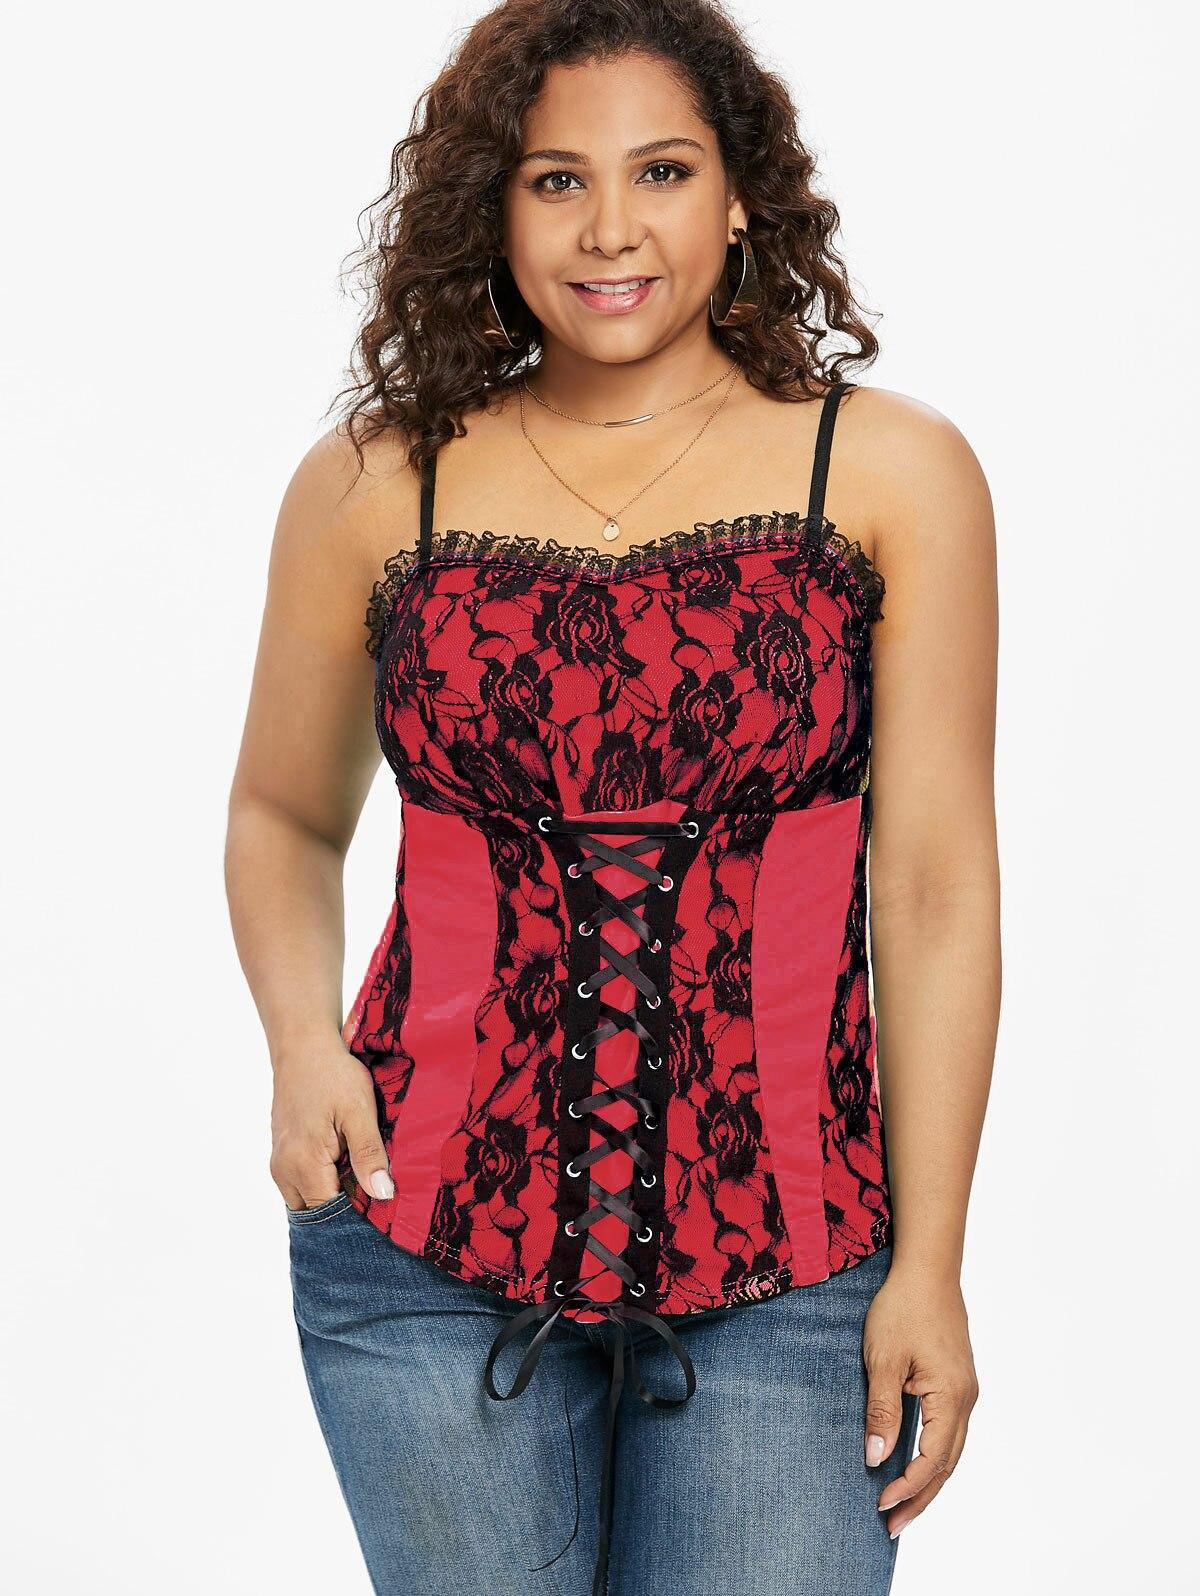 beb5f700214 PlusMiss Plus Size 5XL Sexy Cold Shoulder Sequin Trim T-Shirt Women ...